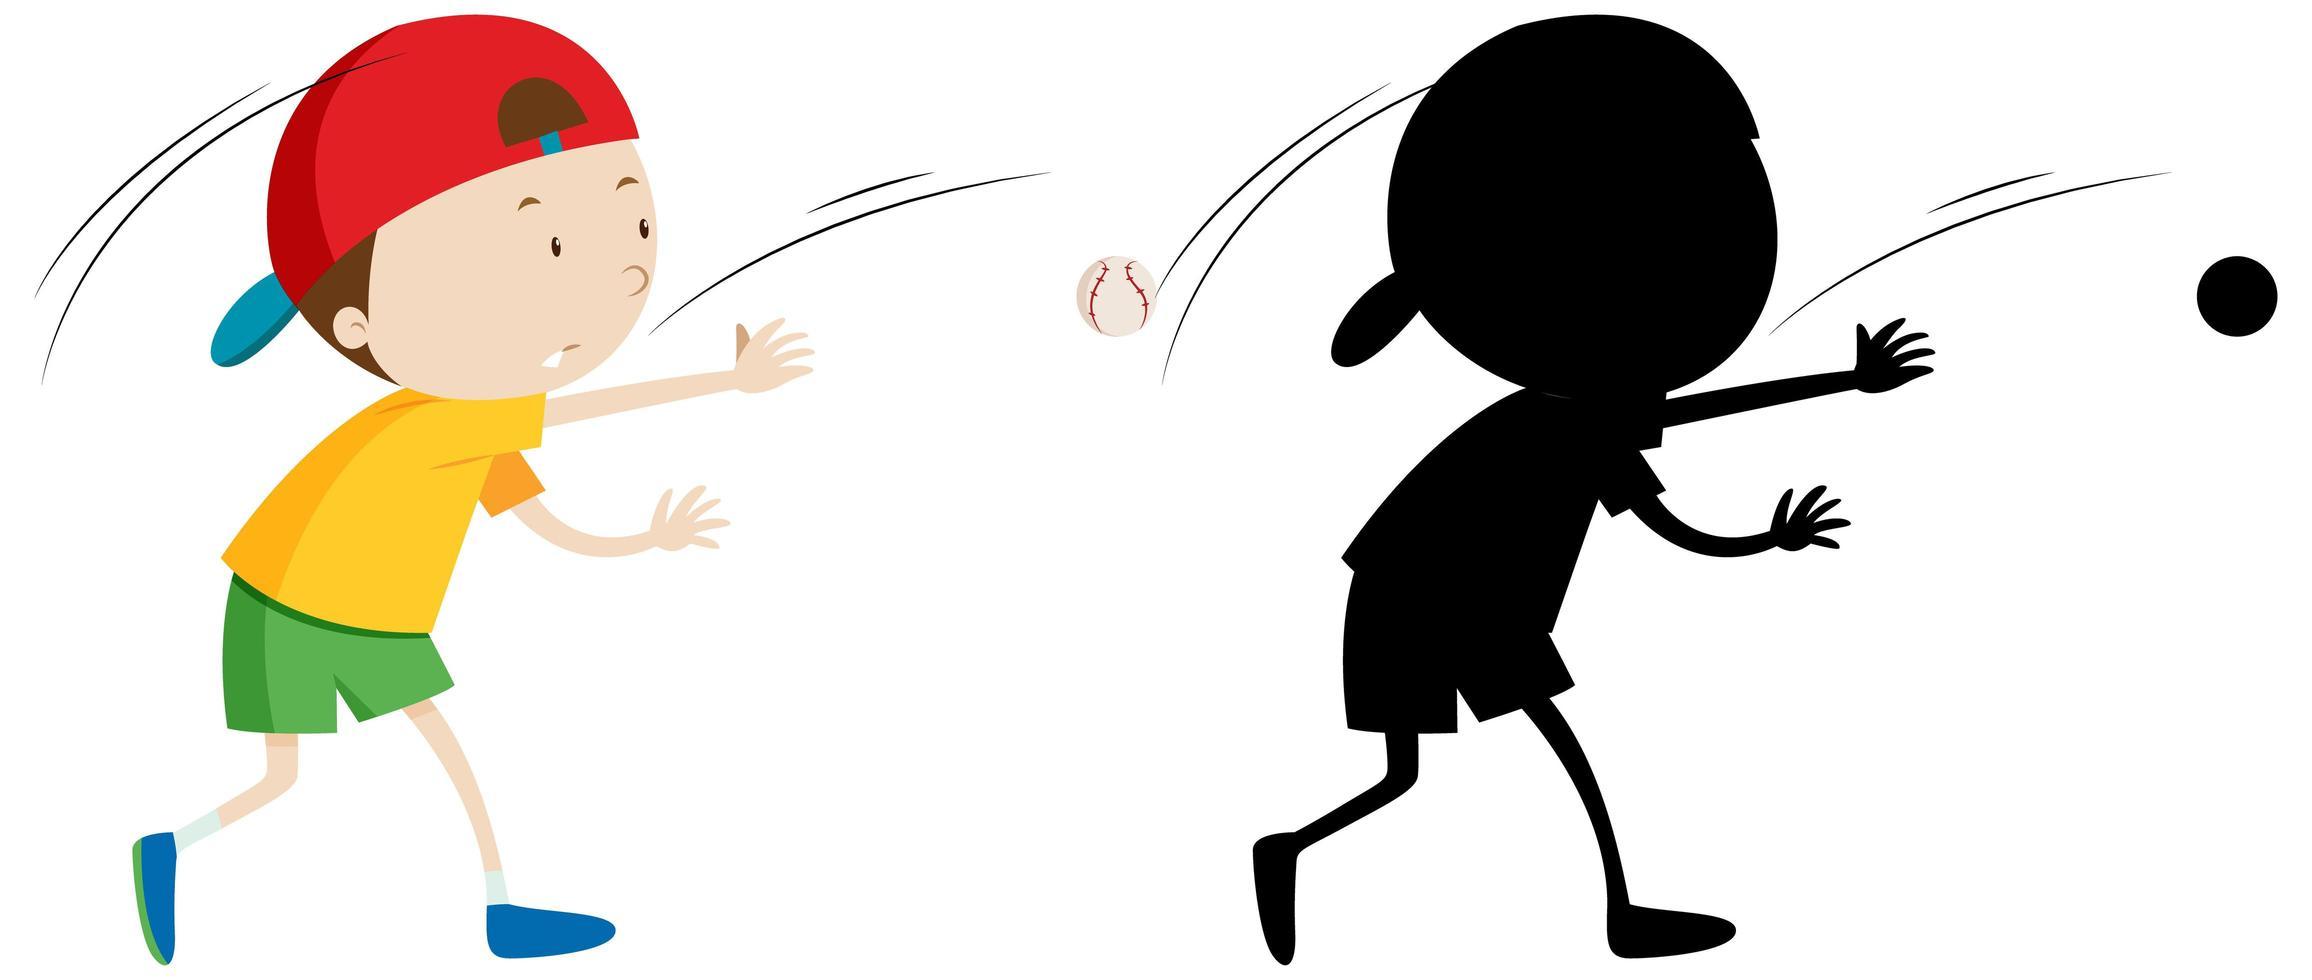 garçon jouant au baseball avec sa silhouette vecteur